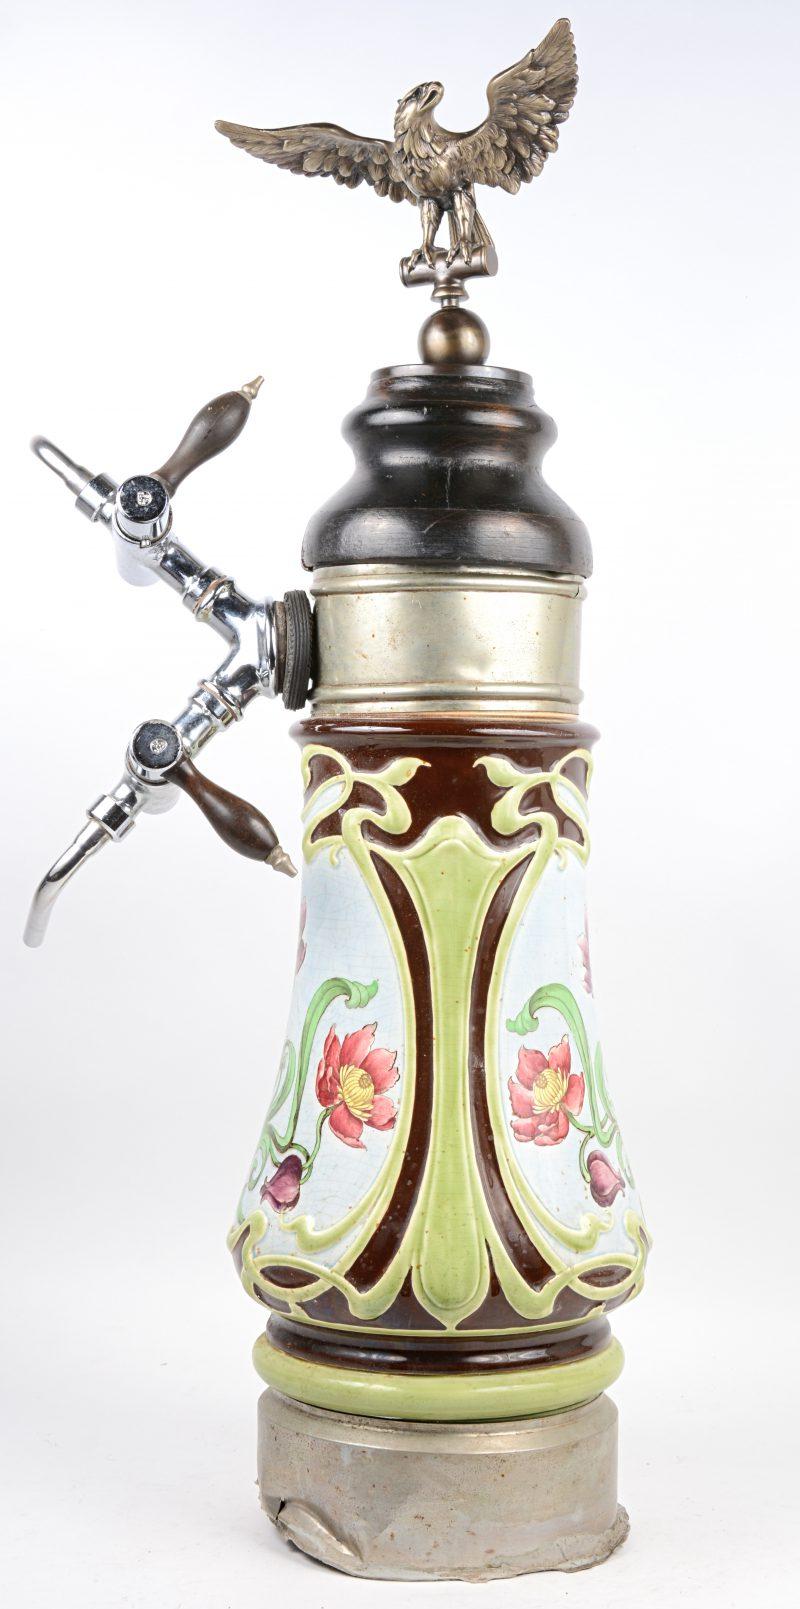 Een aardewerken tapkraan met meerkleurig bloemendecor, bovenaan getooid met een adelaar. Tijdperk Art nouveau. (Kranen recenter).